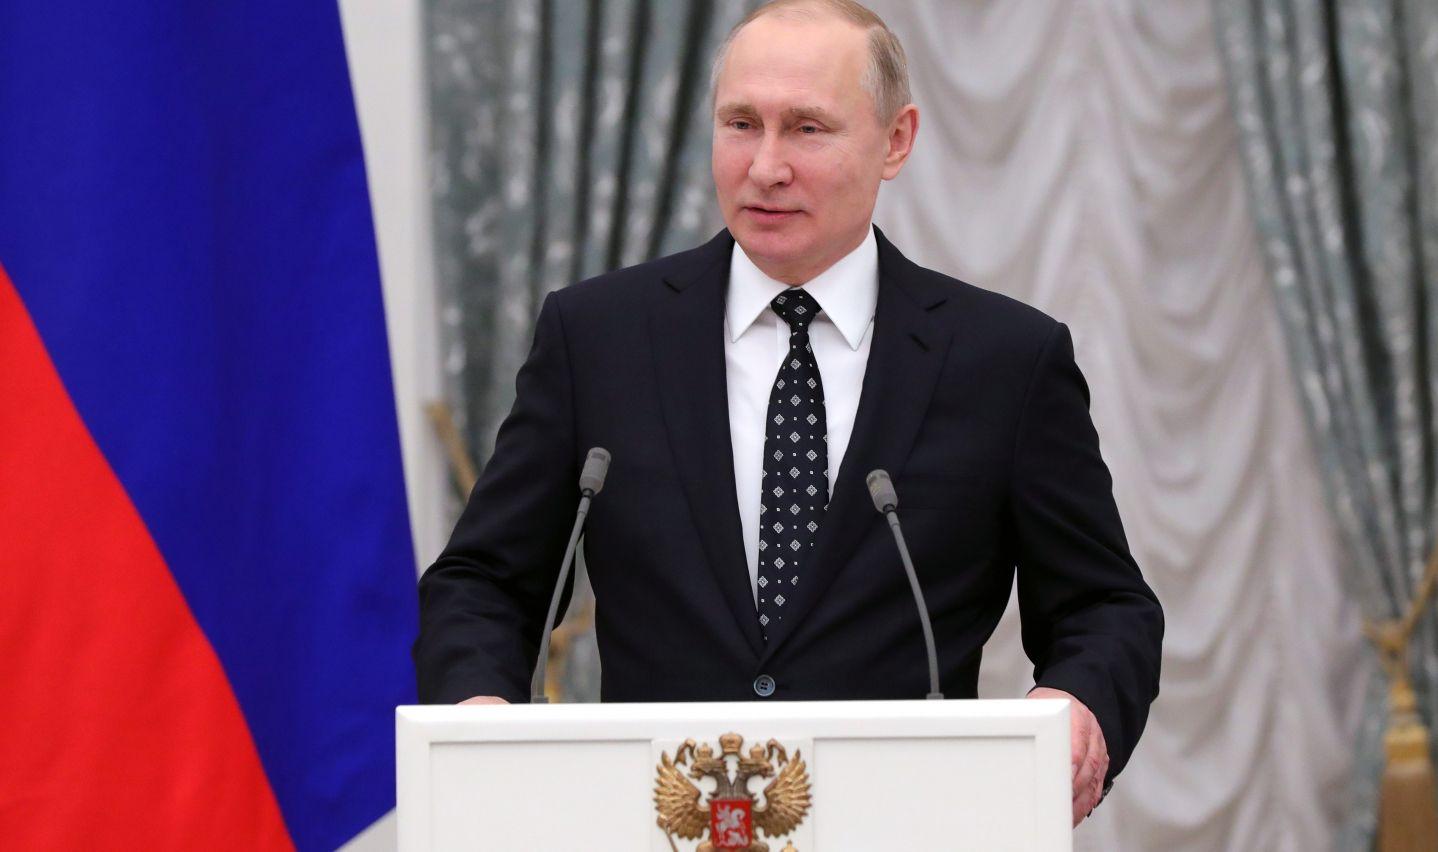 Vladimir Poutine a félicité lundi Nicolas Maduro pour sa réélection à la présidence du Venezuela.  (crédit photo : AFP)